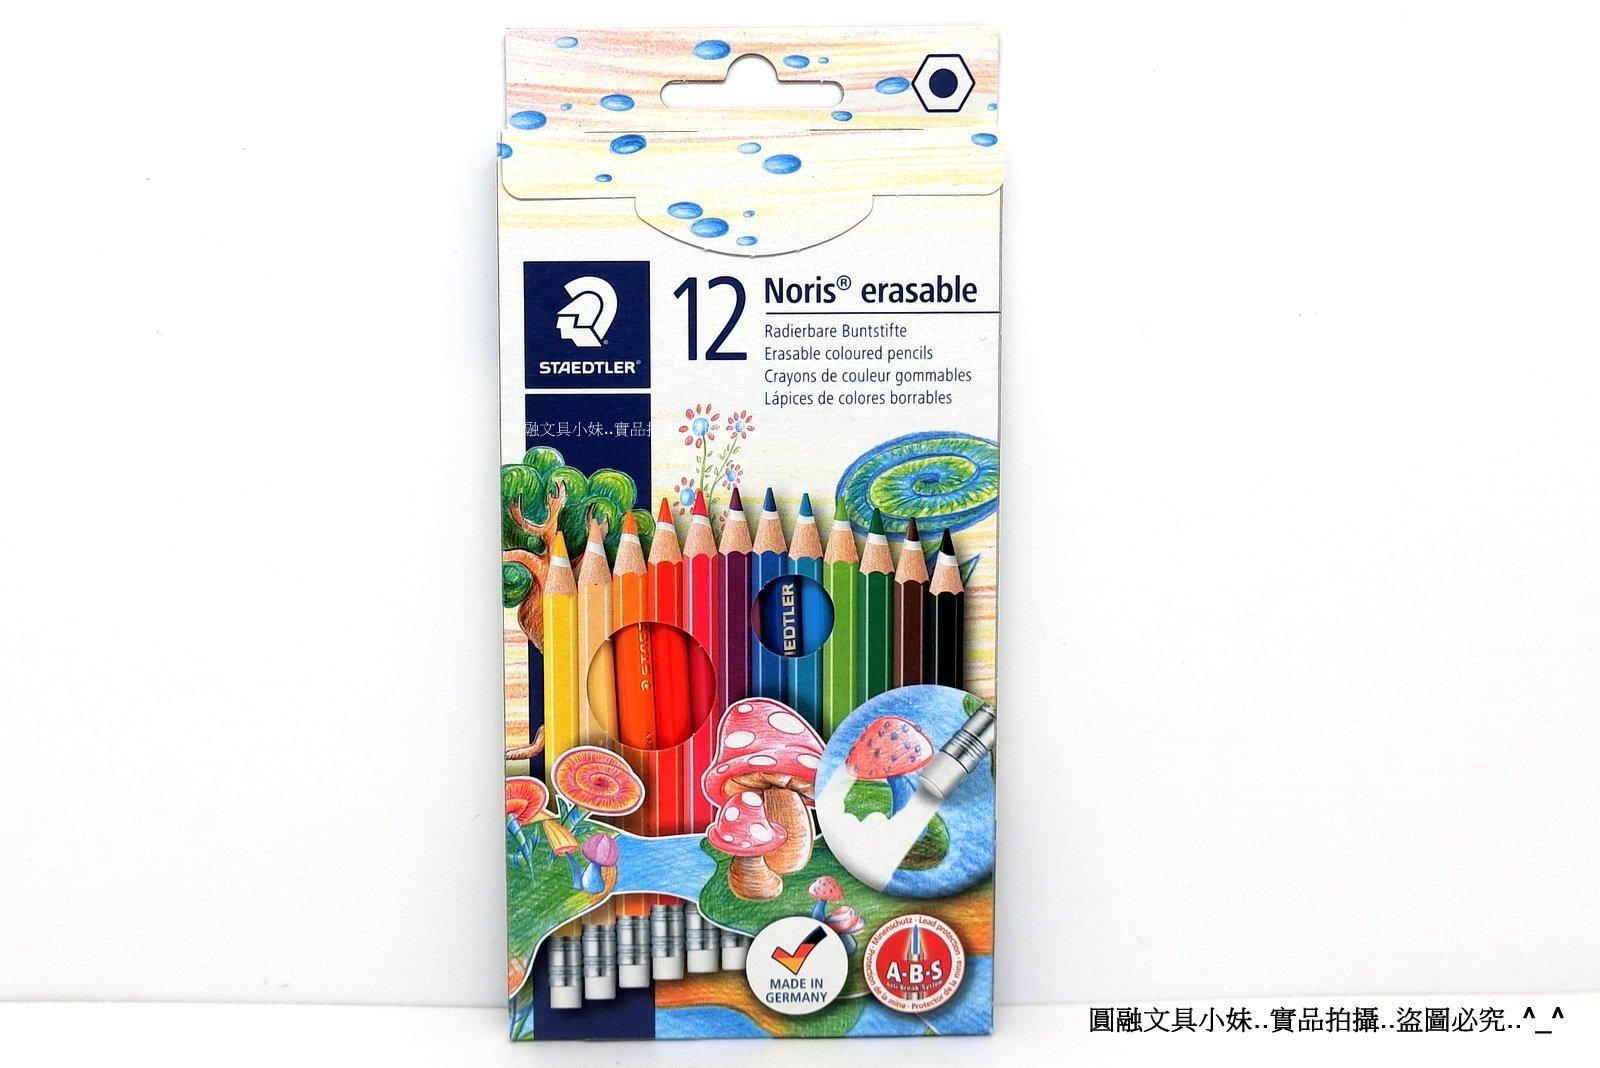 【圓融文具小妹】德國 STAEDTLER 施德樓 快樂學園系列 可擦拭 色鉛筆 12 支入 MS14450NC12